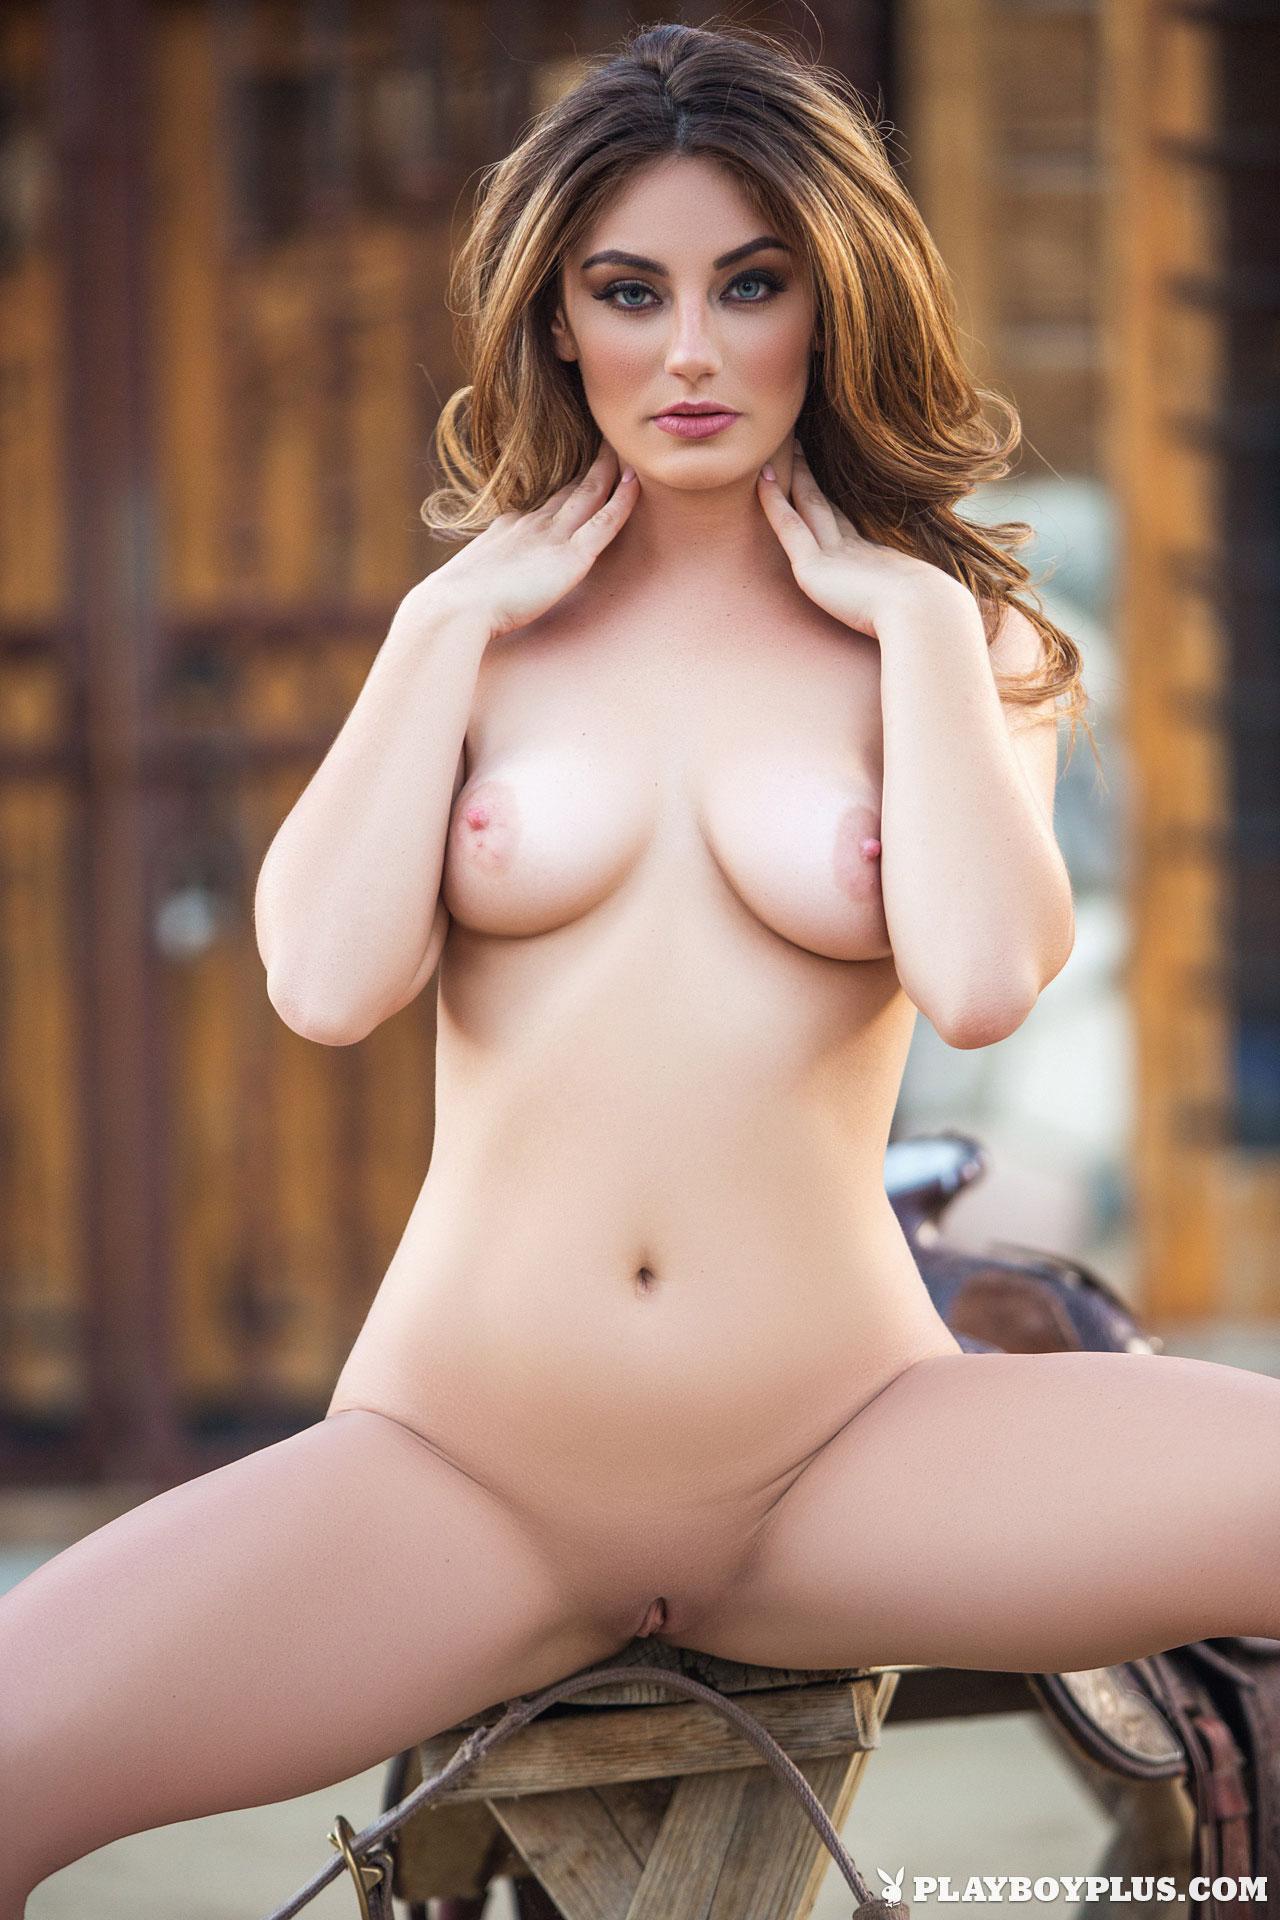 Эротика Смотреть фото красивых голых девушек бесплатно